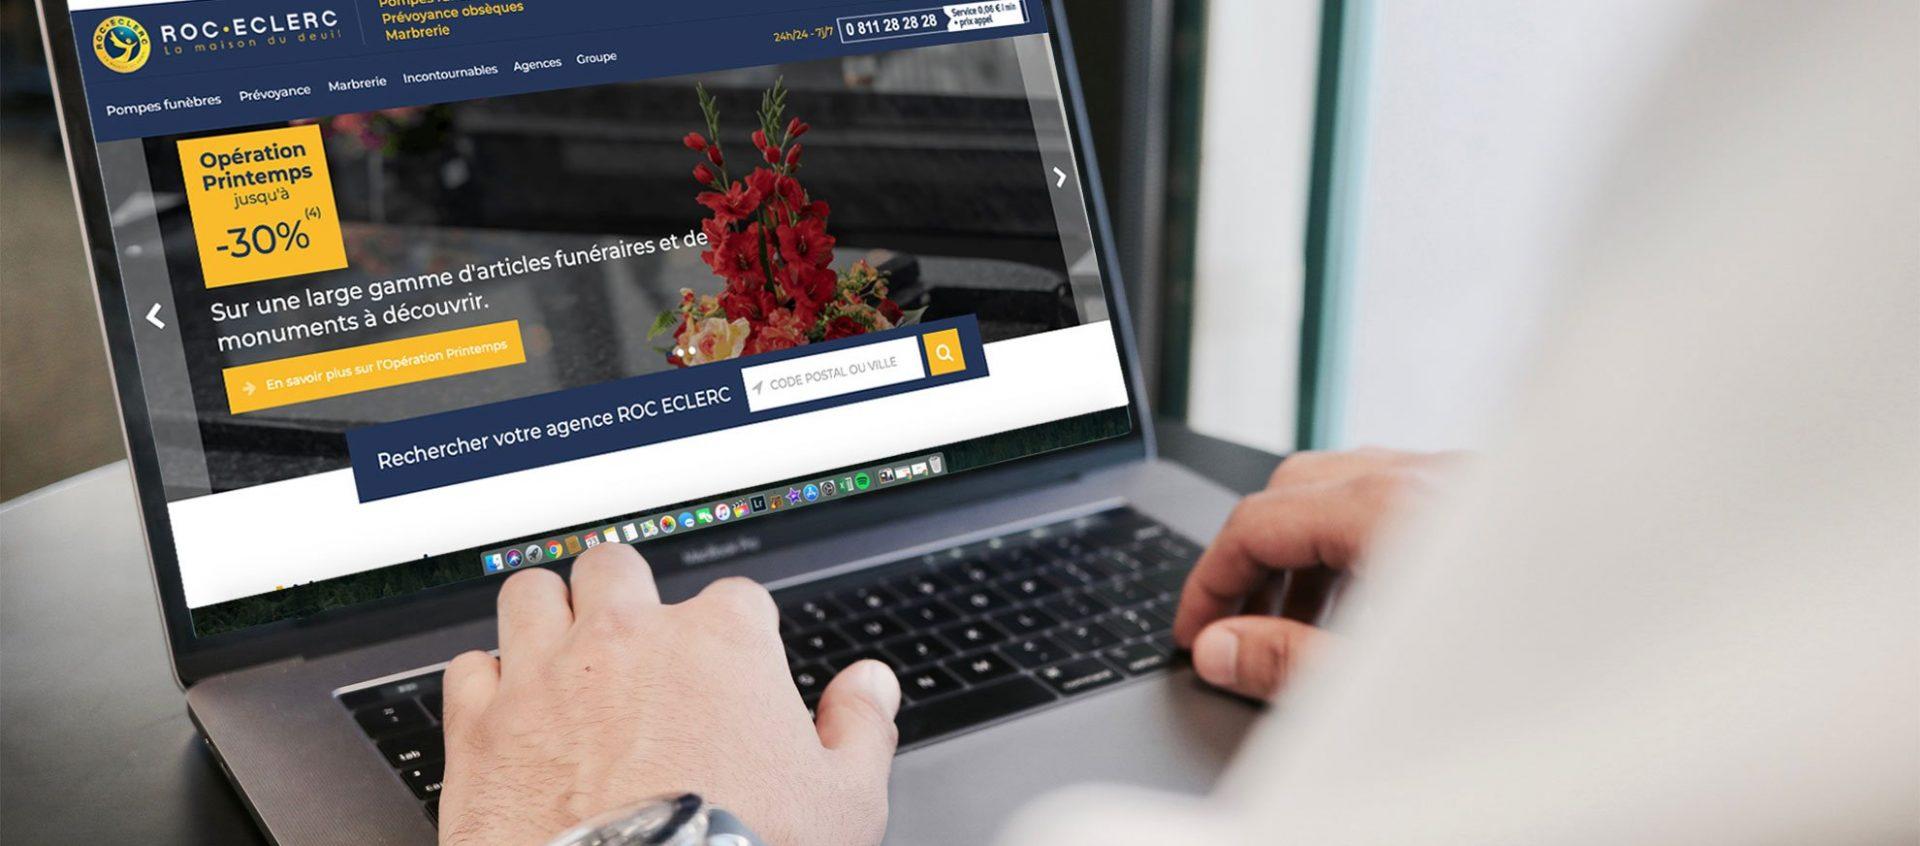 ROC ECLERC web site internet